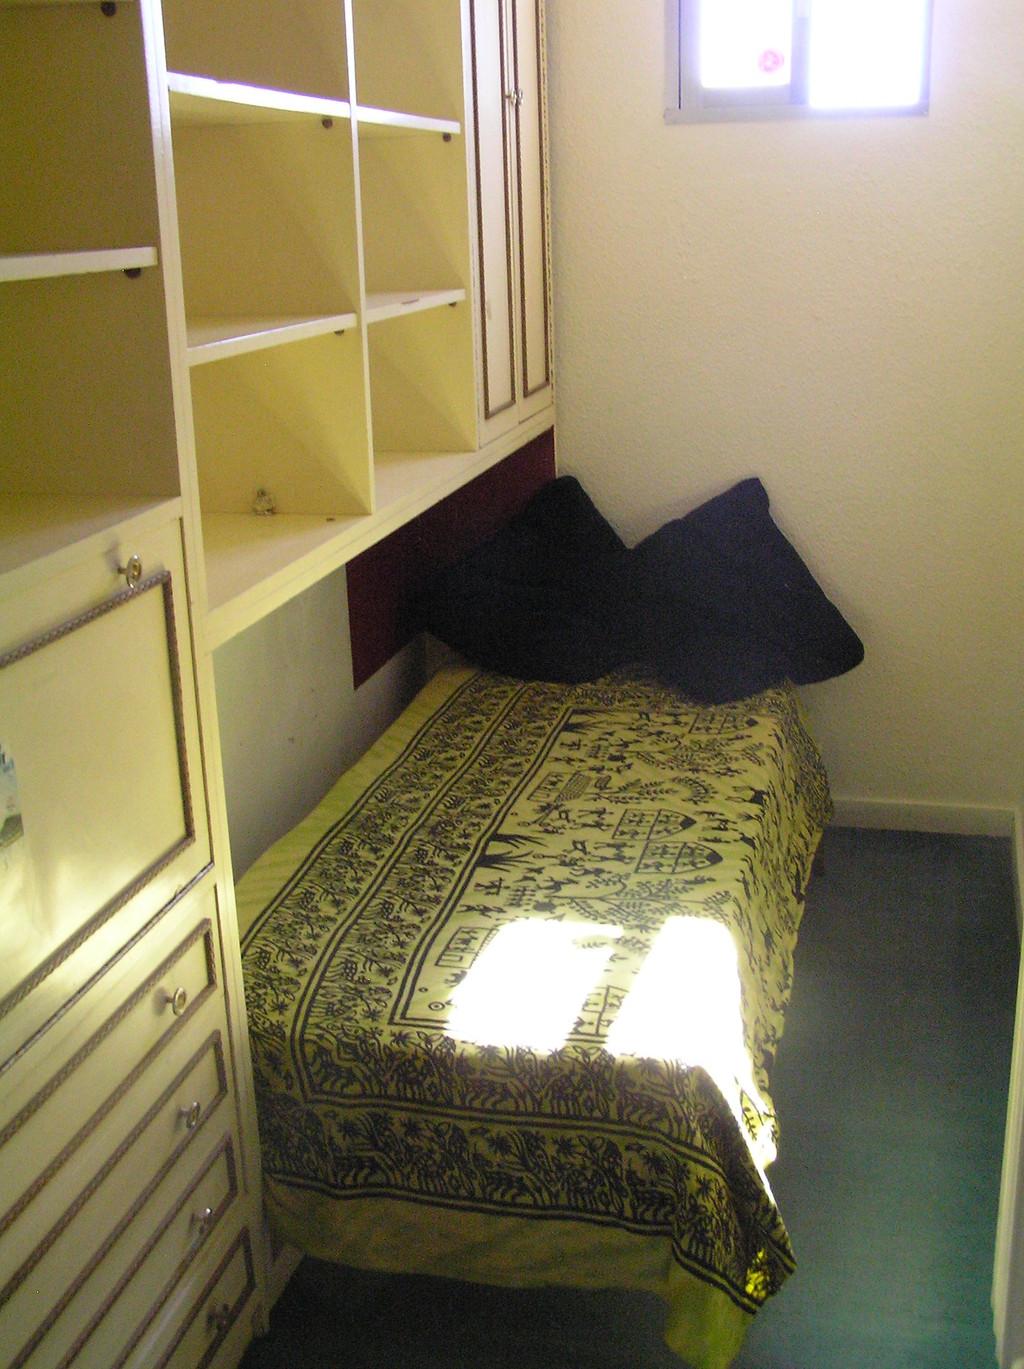 Piso c ntrico en madrid ideal para estudiantes alquiler pisos madrid - Pisos estudiantes madrid baratos ...